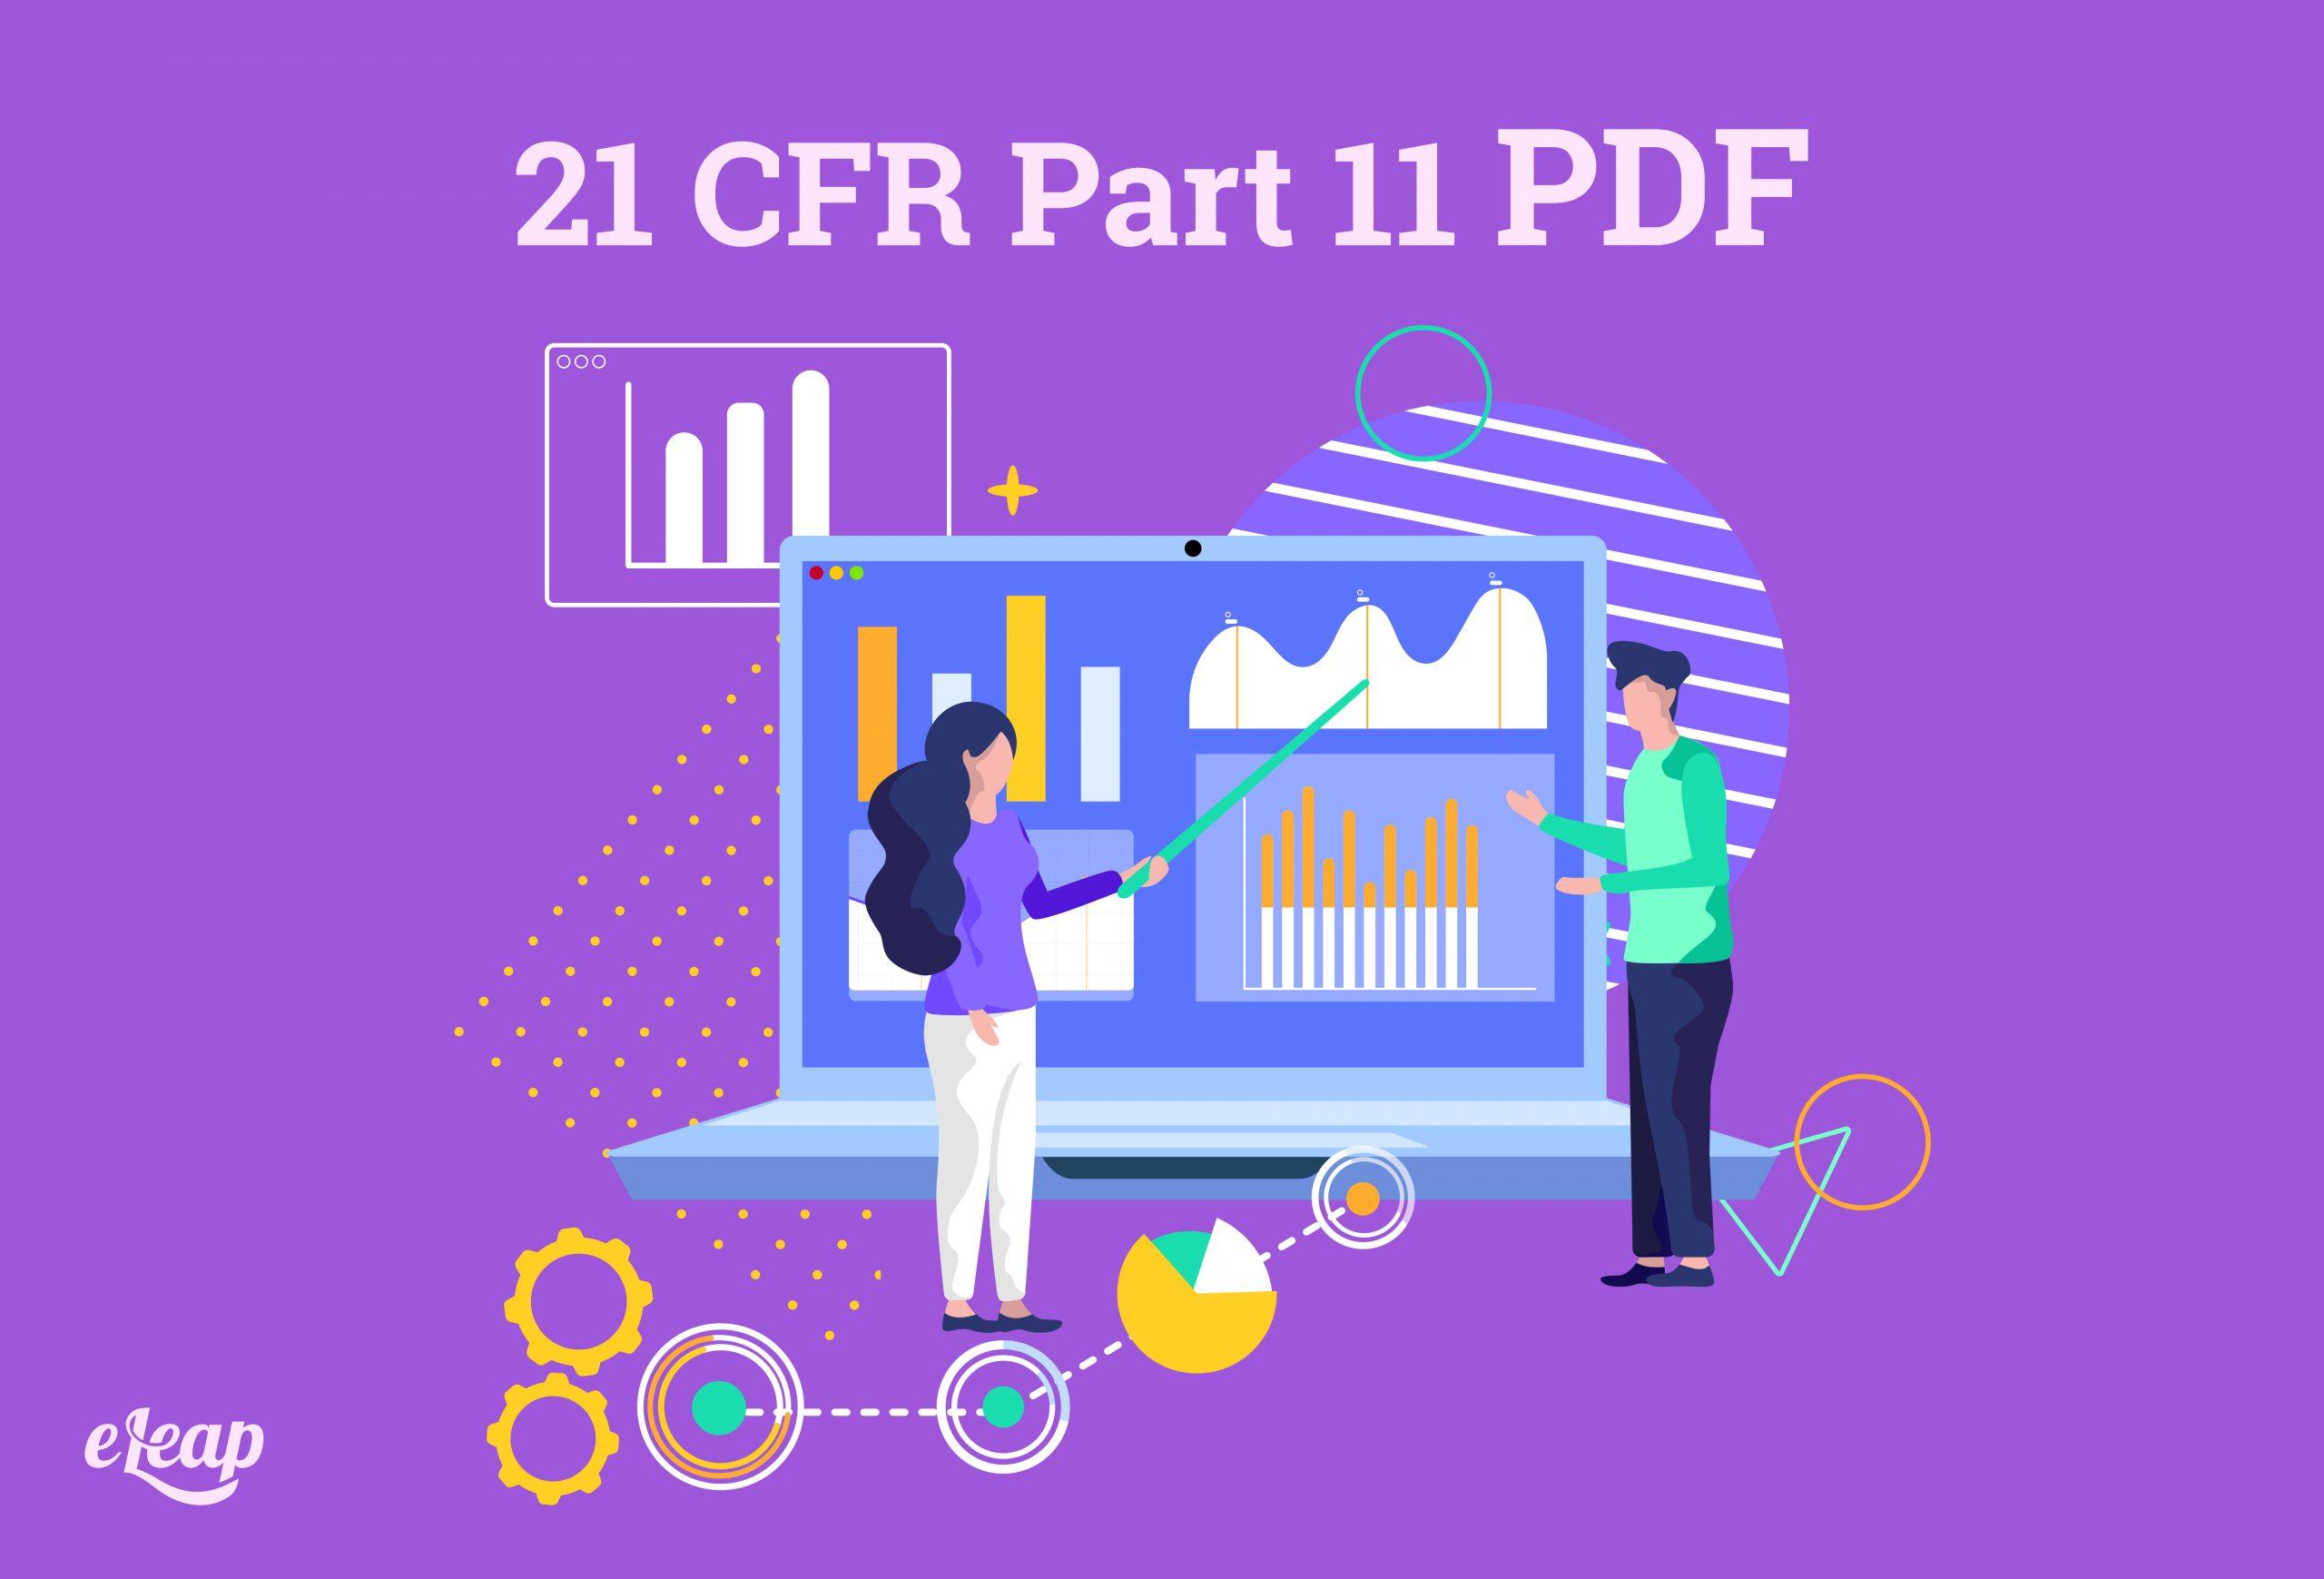 21 CFR Part 11 PDF